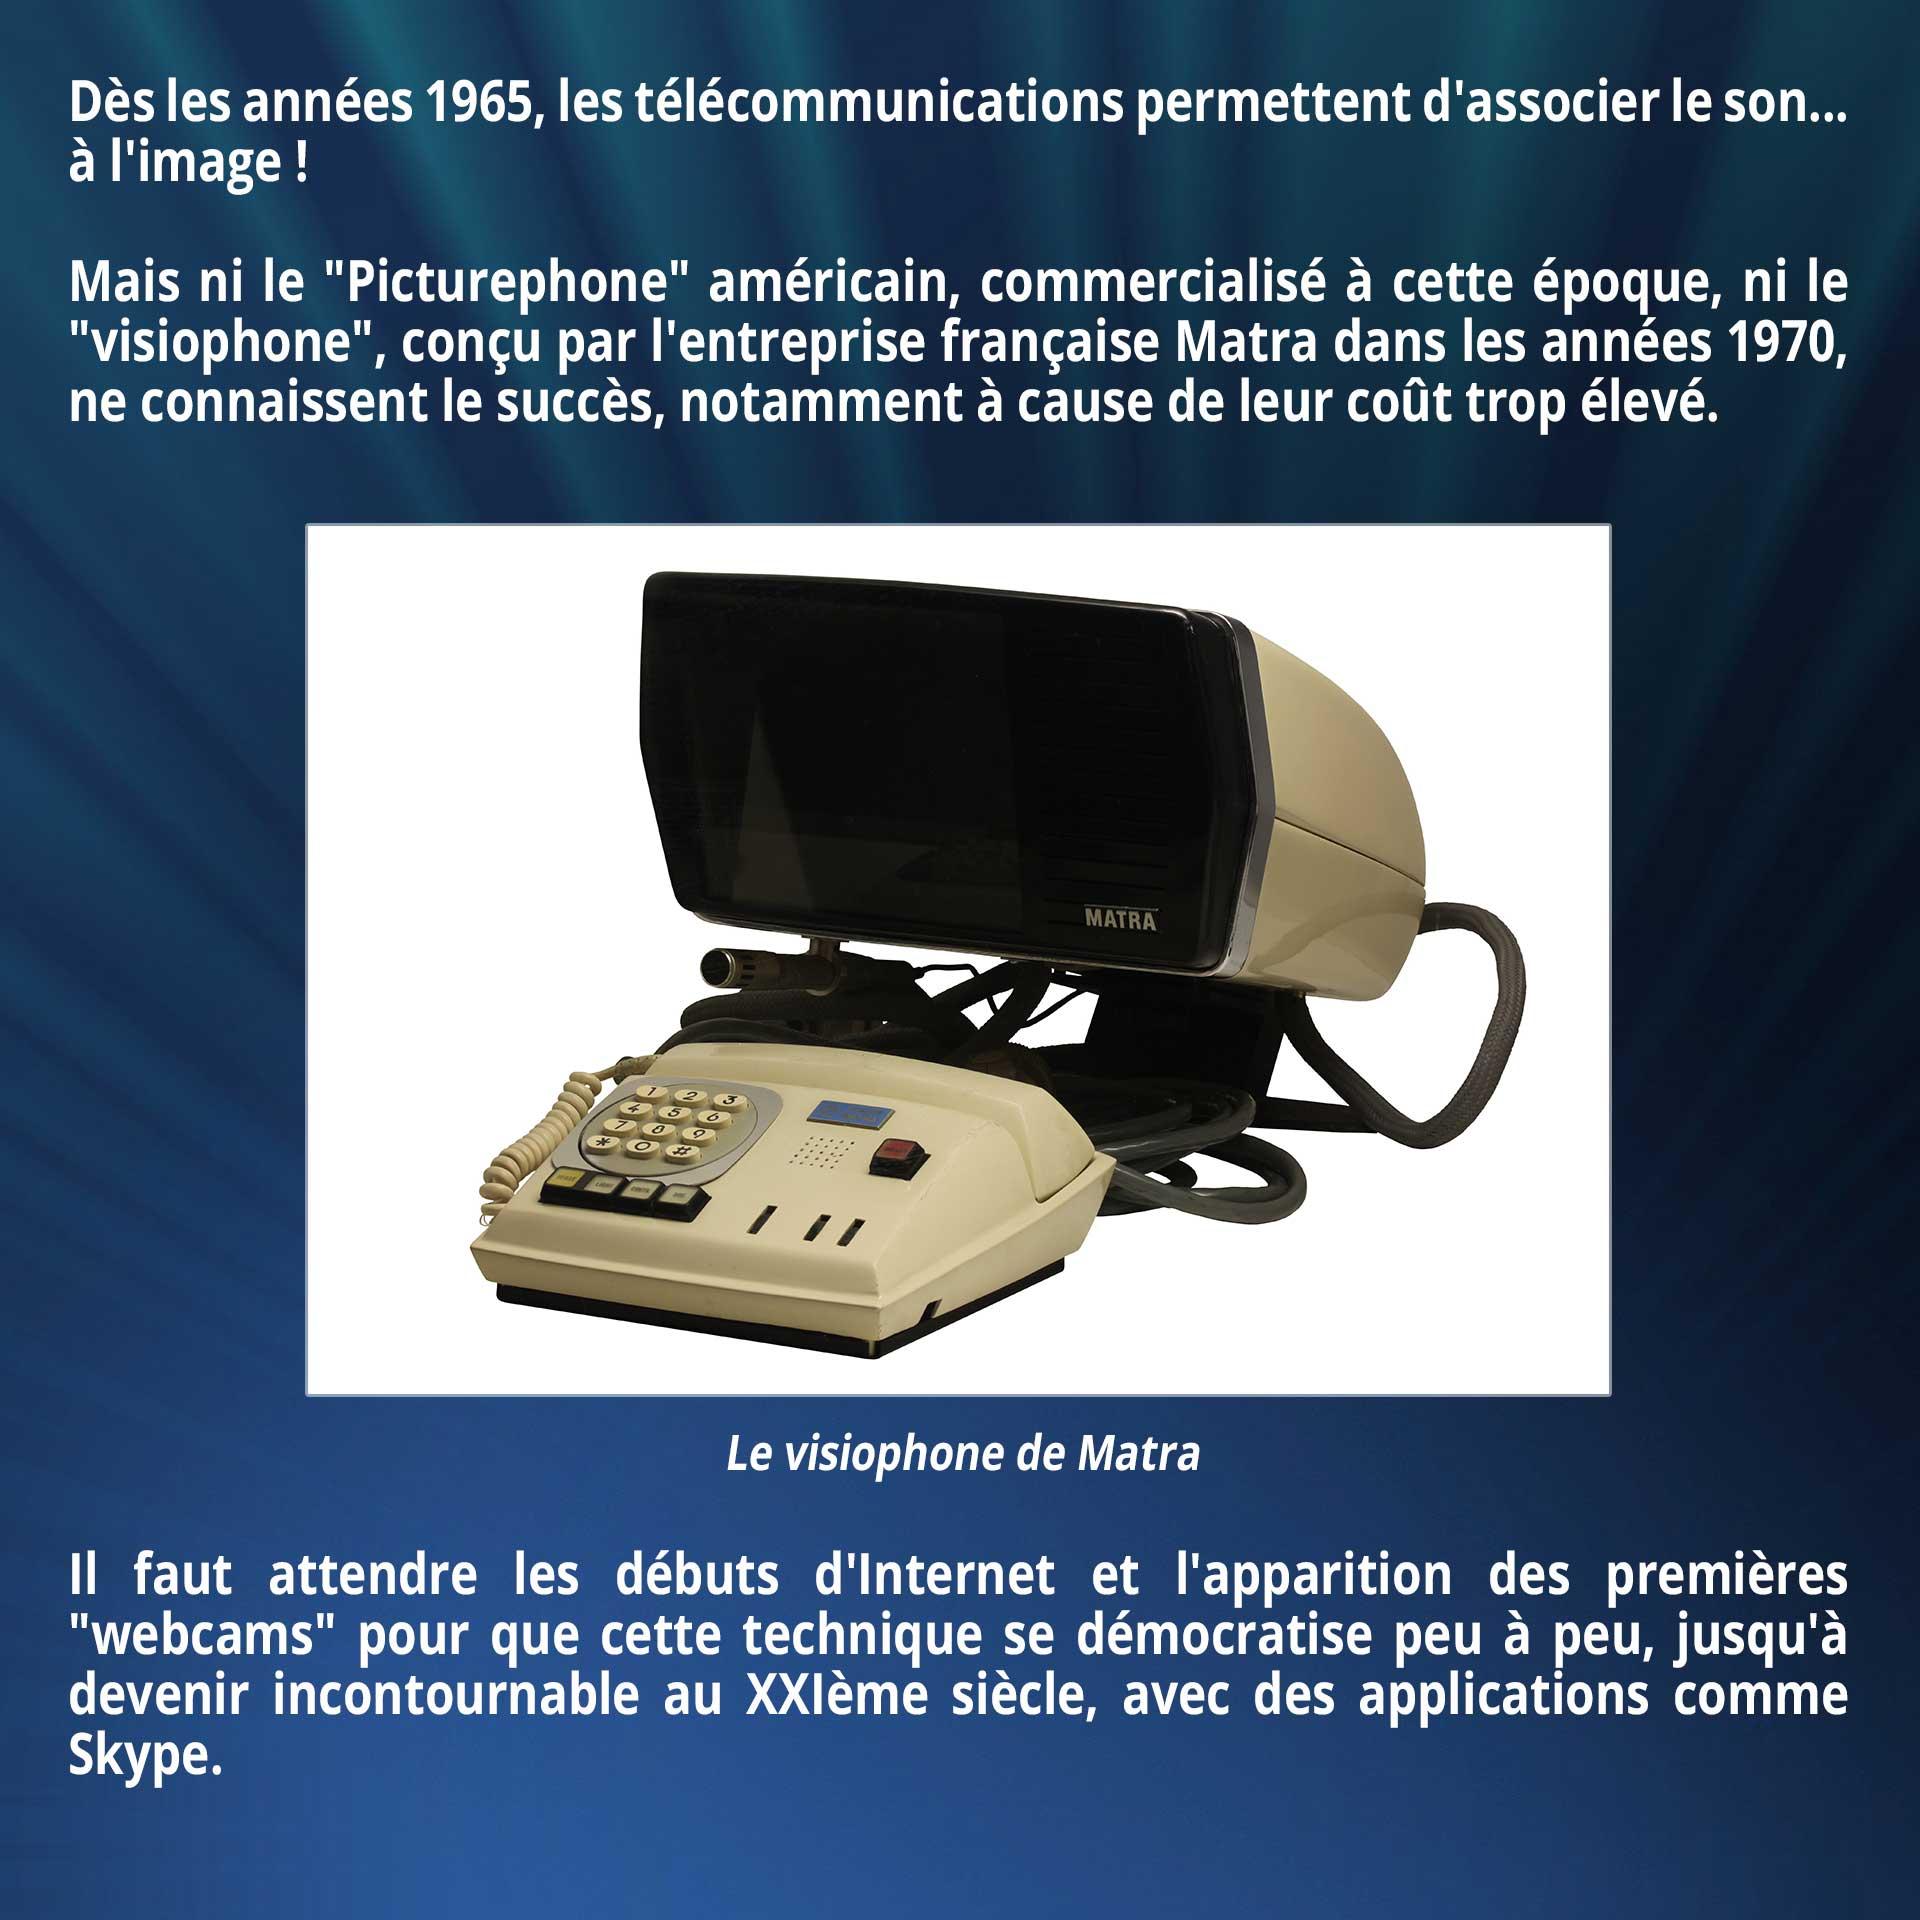 Dès les années 1965, les télécommunications permettent d'associer le son... à l'image ! Mais ni le